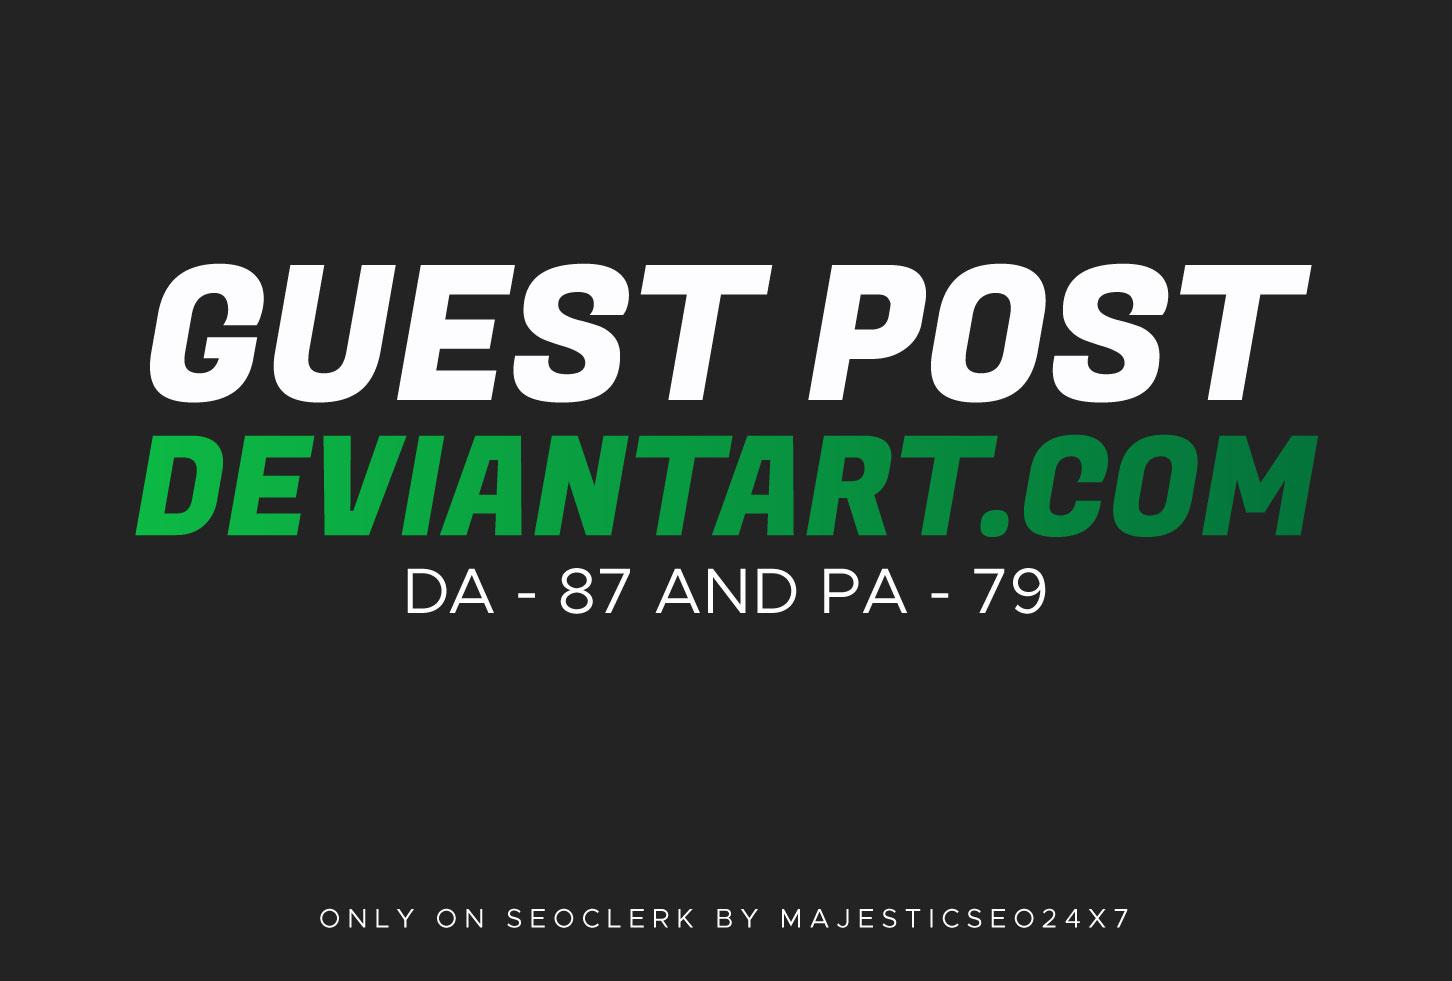 Publish A Guest Blog Post On deviantart. com DA-87 With 100 Indexing guarantee